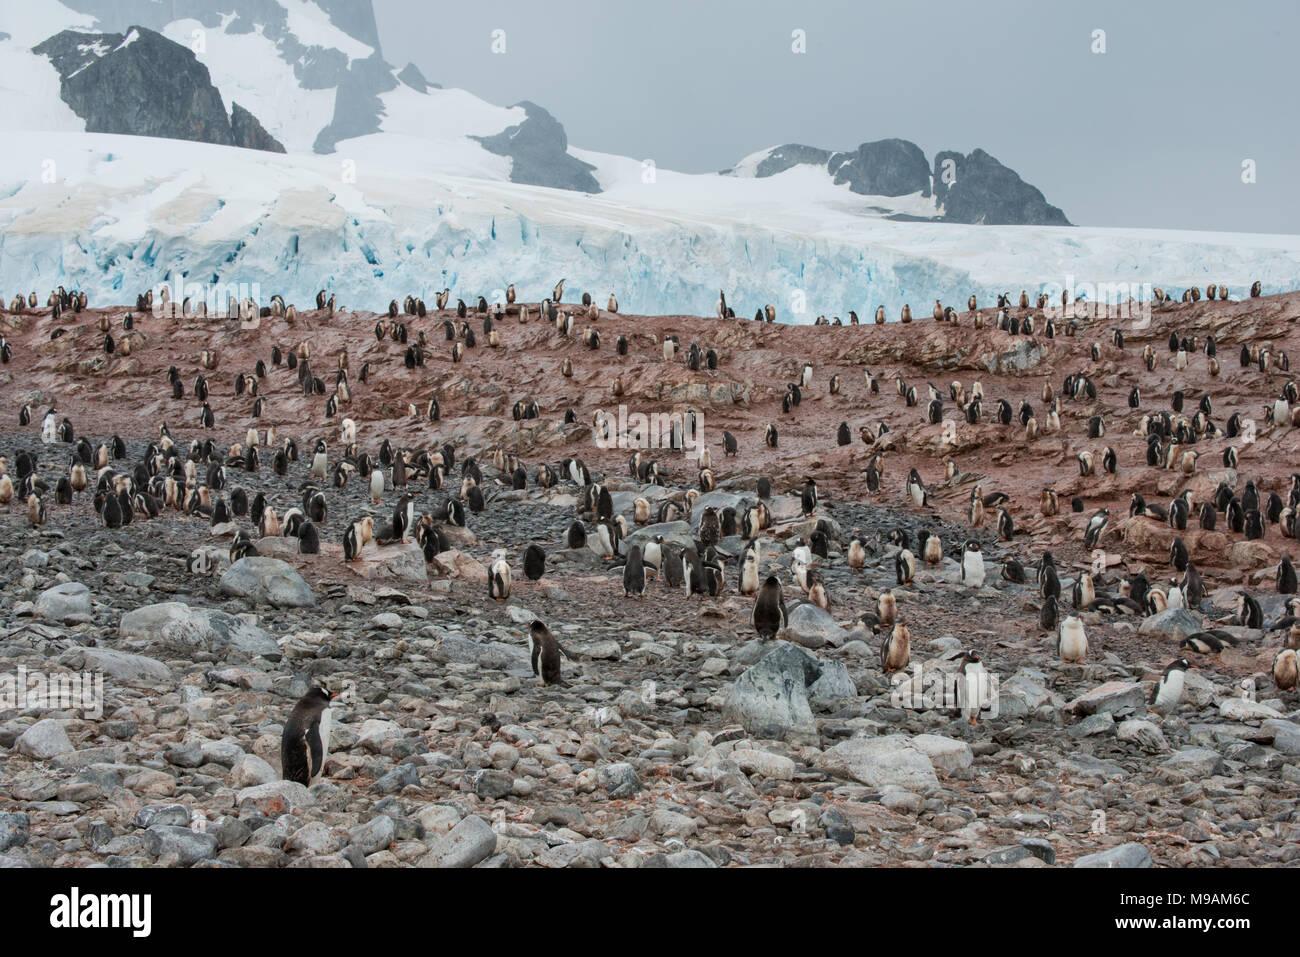 Una colonia de pingüinos Gentoo en la Antártica Imagen De Stock